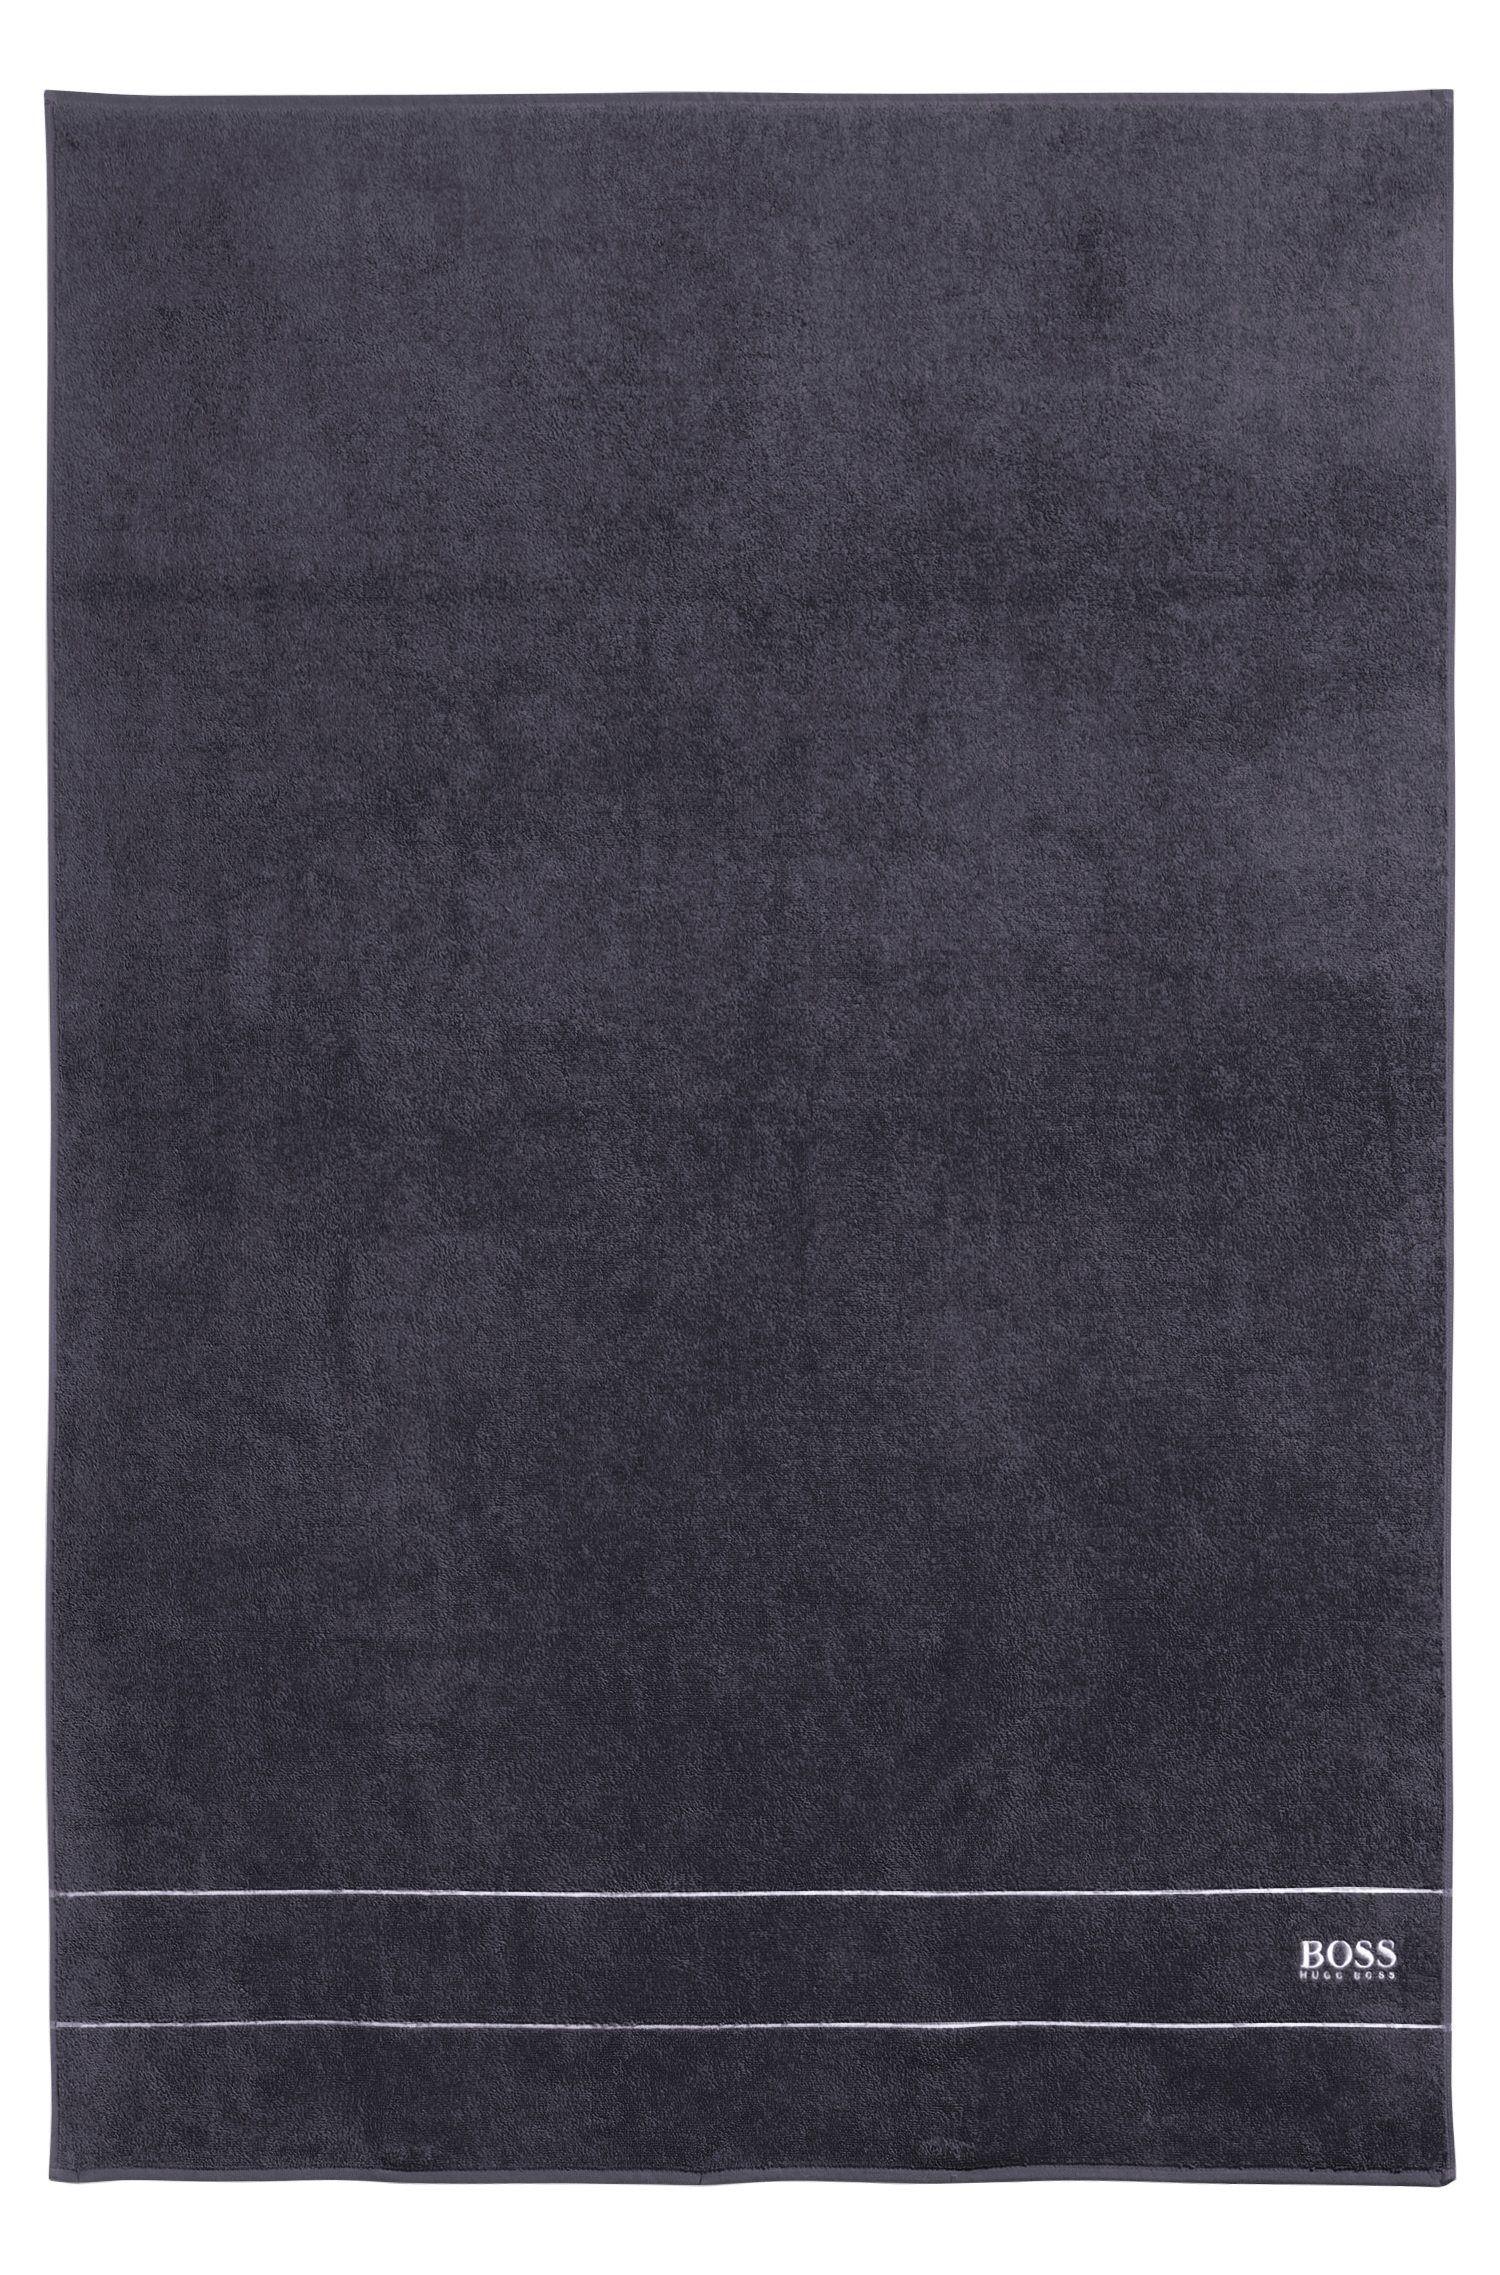 Telo doccia in pregiato cotone egiziano con bordo con logo, Grigio antracite